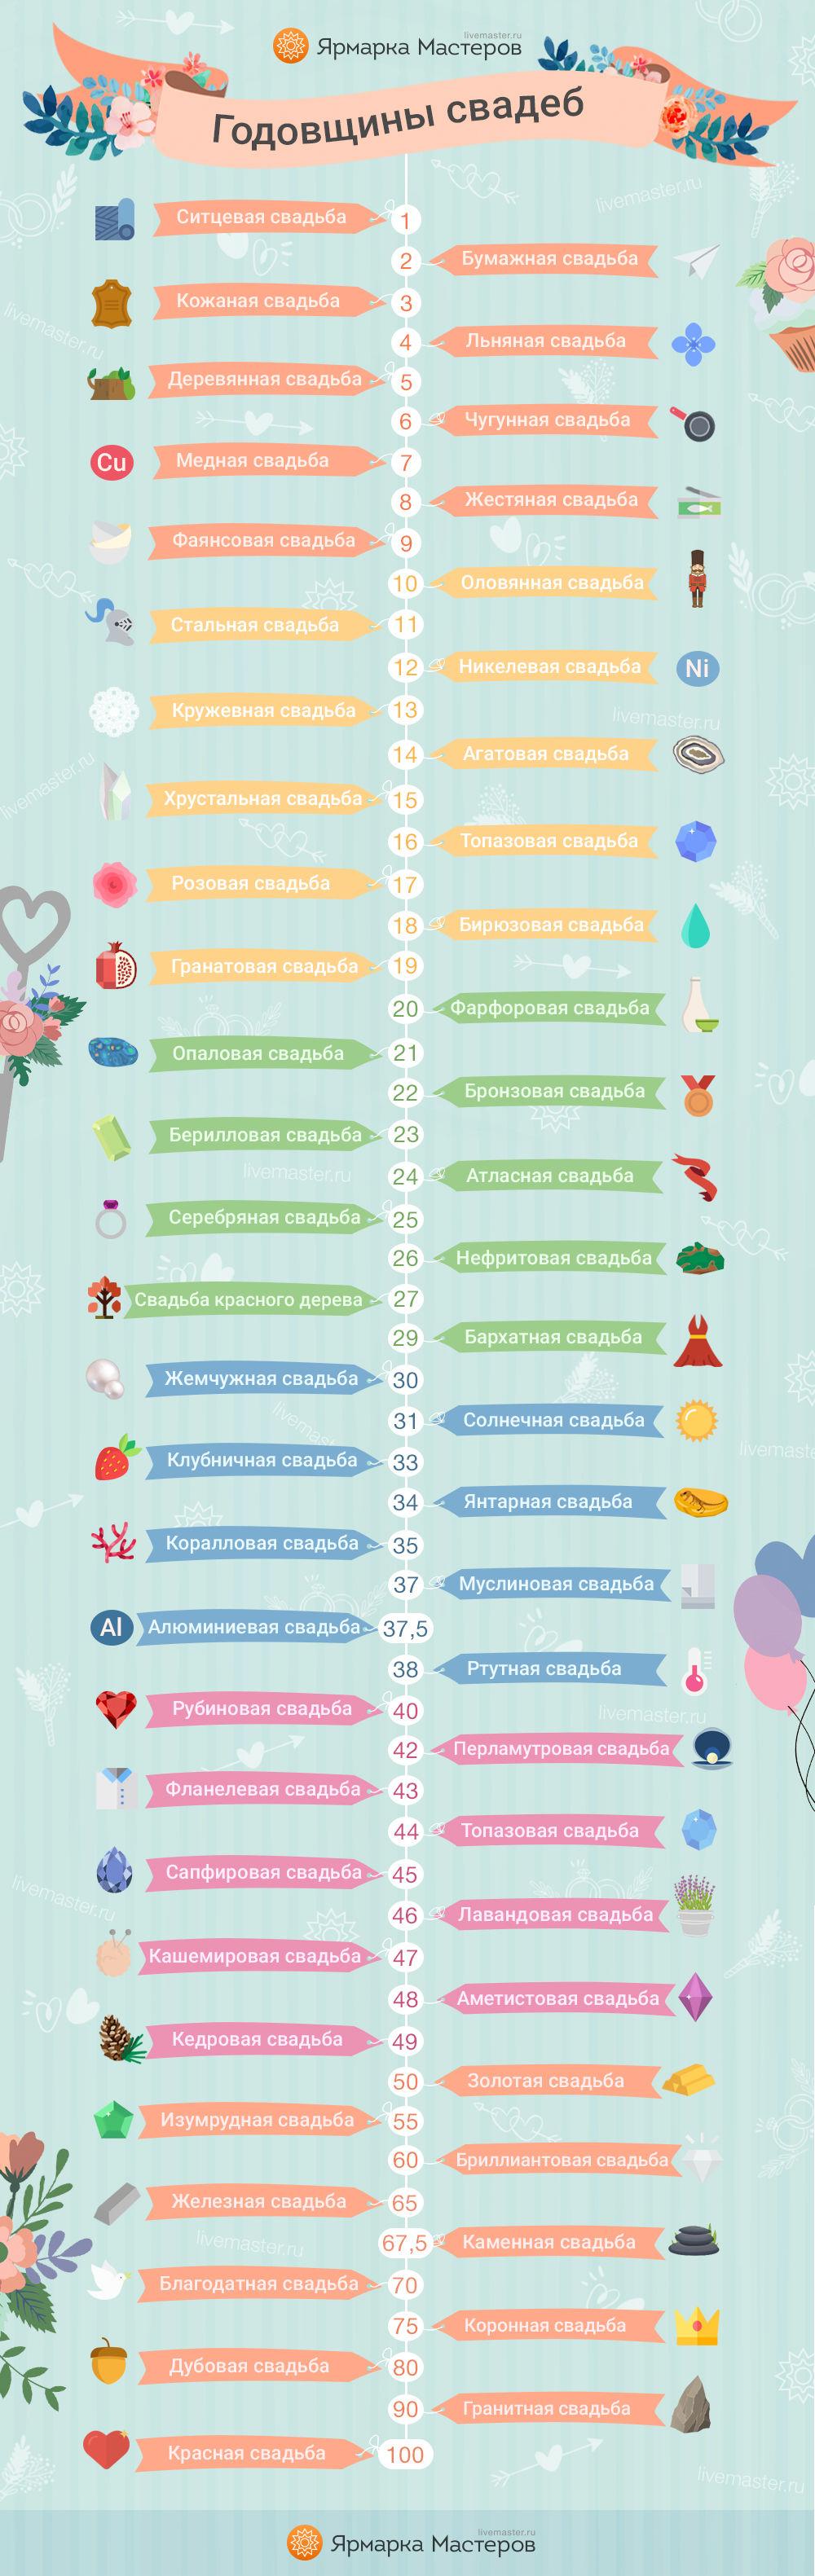 инфографика, свадьба, свадебный сезон, годовщина, праздник, годовщина свадьбы, подарок, что подарить